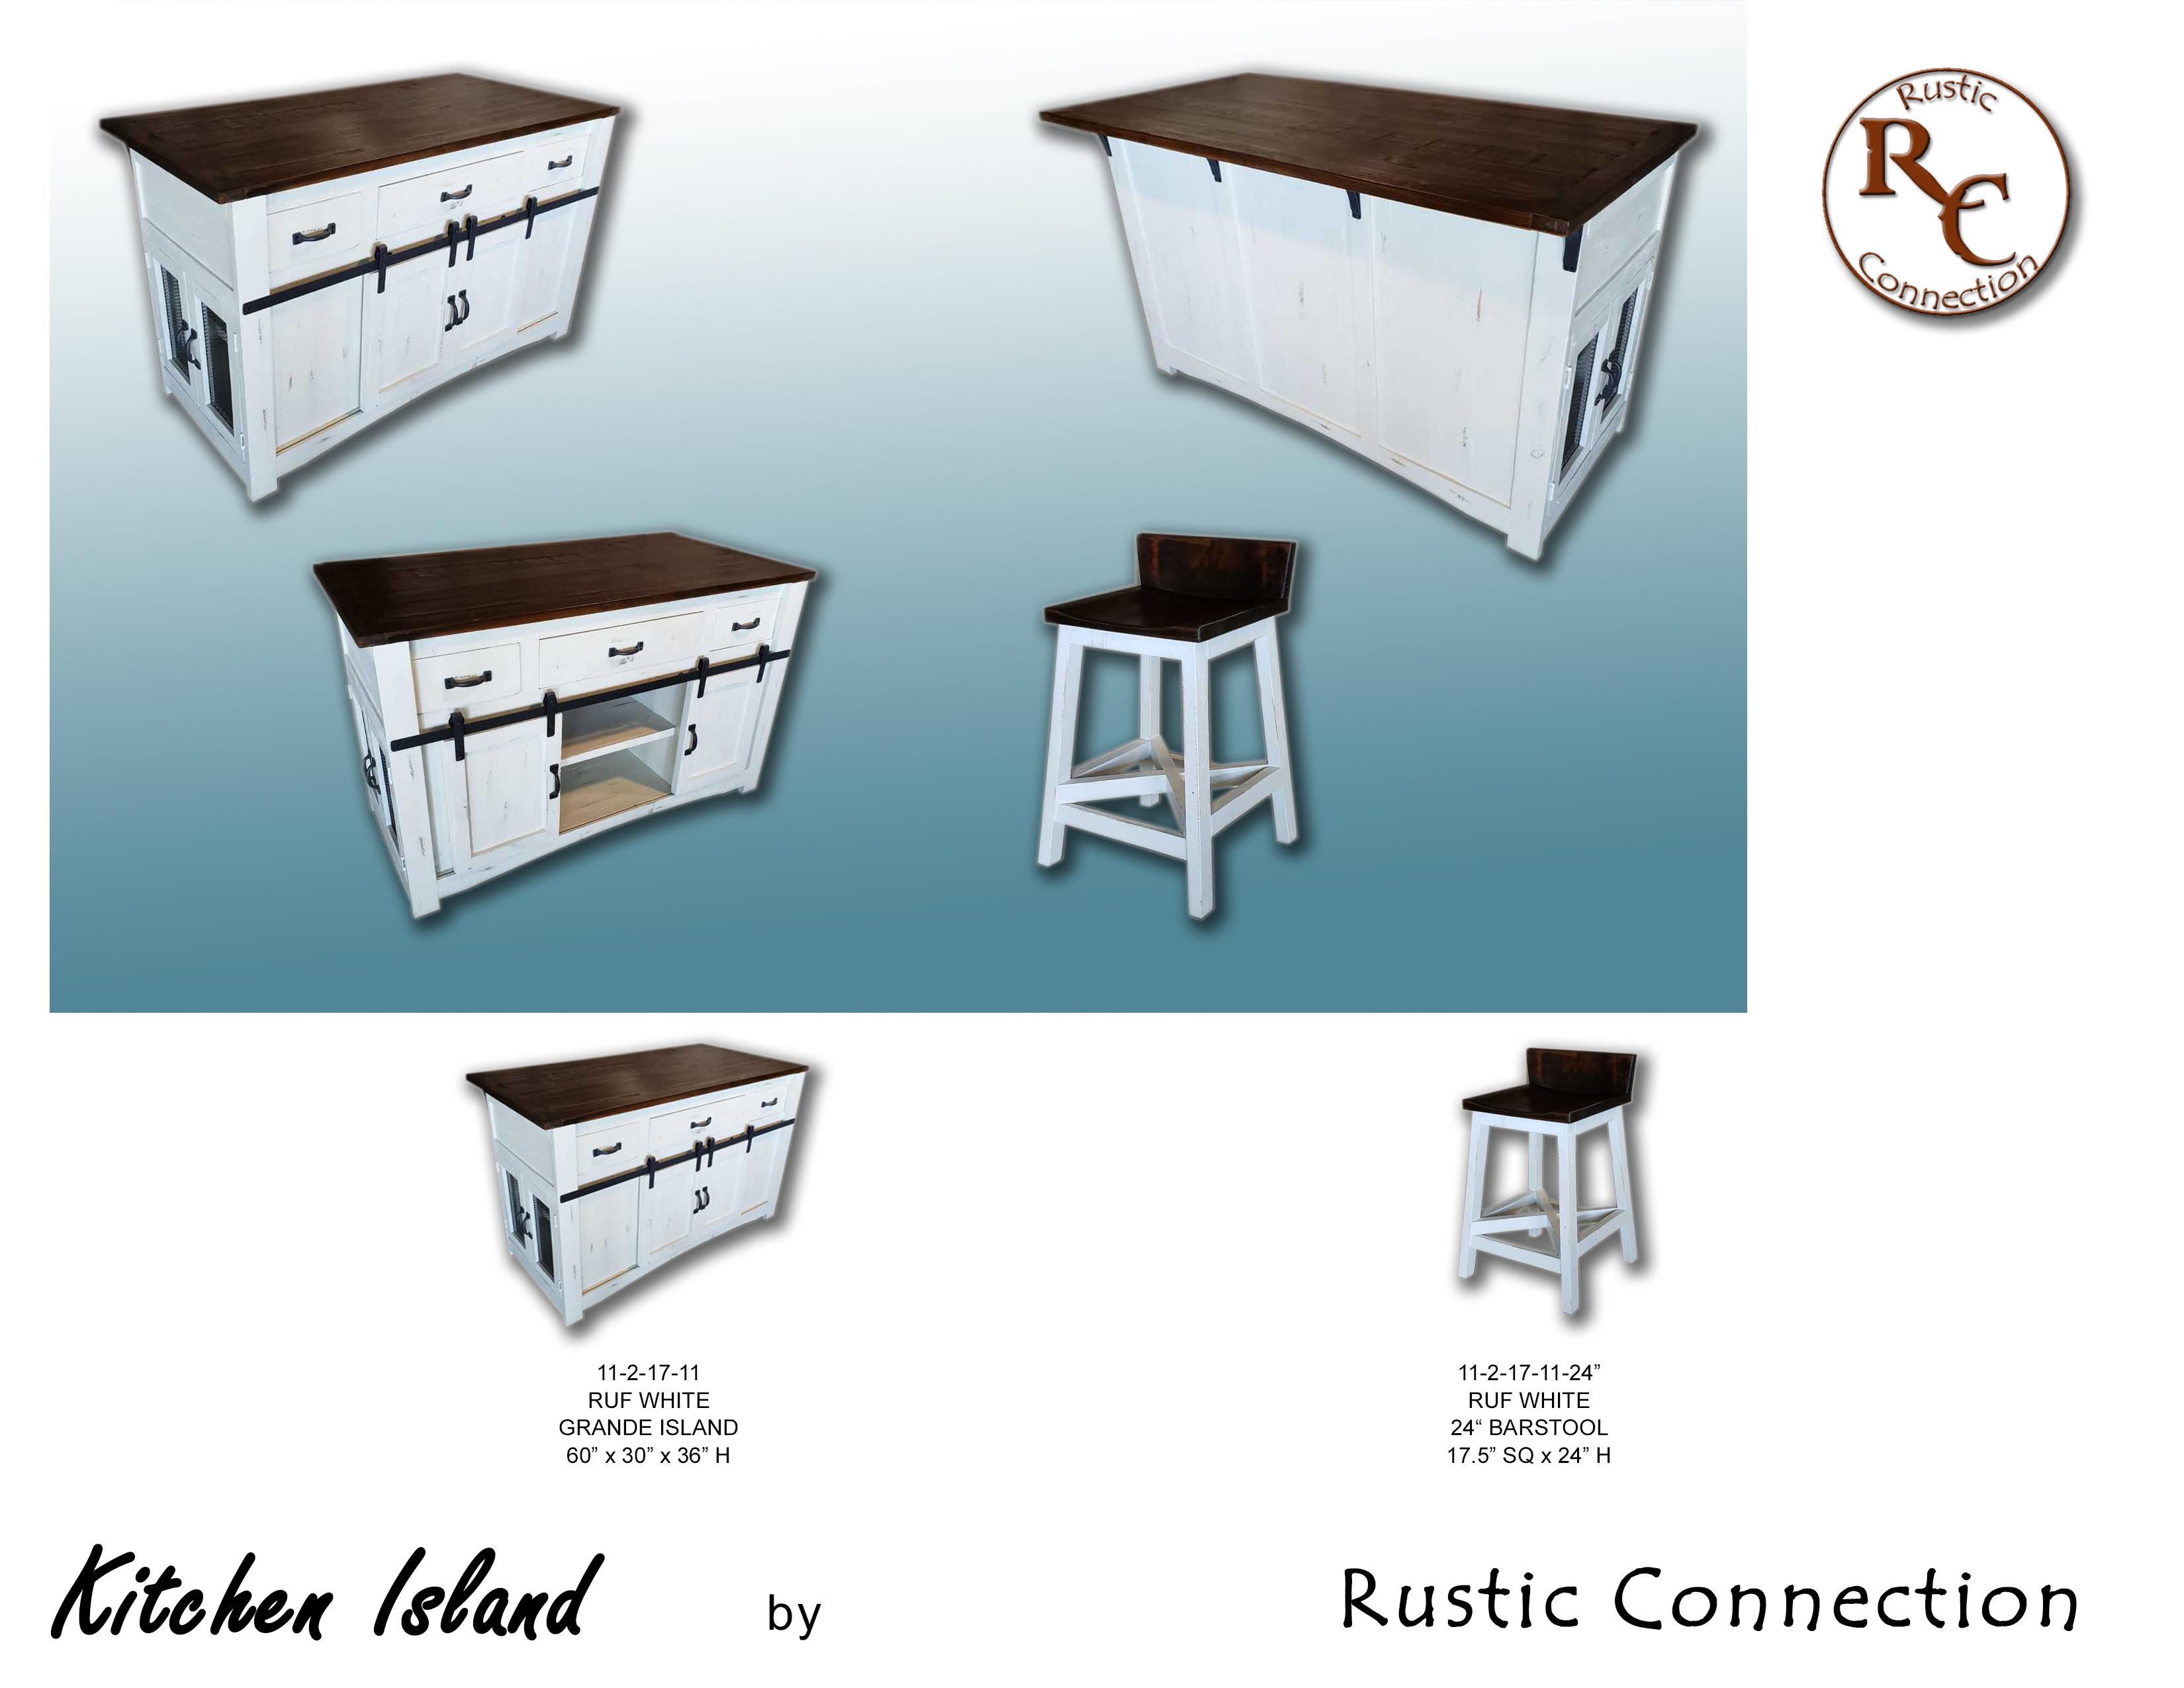 54-Ruf White Kitchen Island